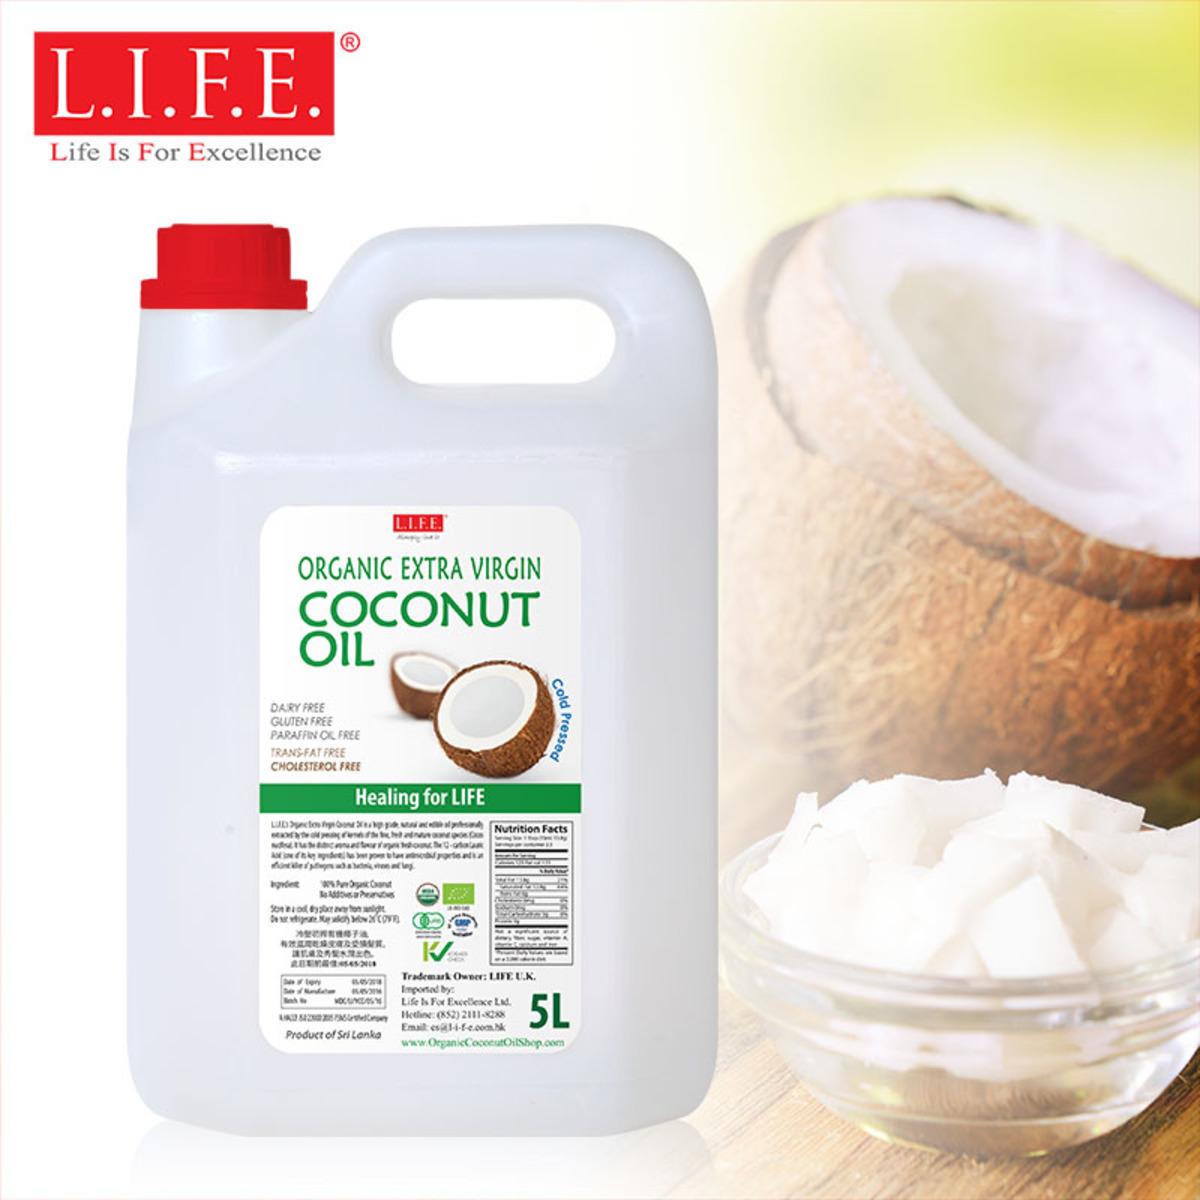 三重認證餐飲包裝有機冷壓初榨椰子油 5 公升 多用途 經濟裝